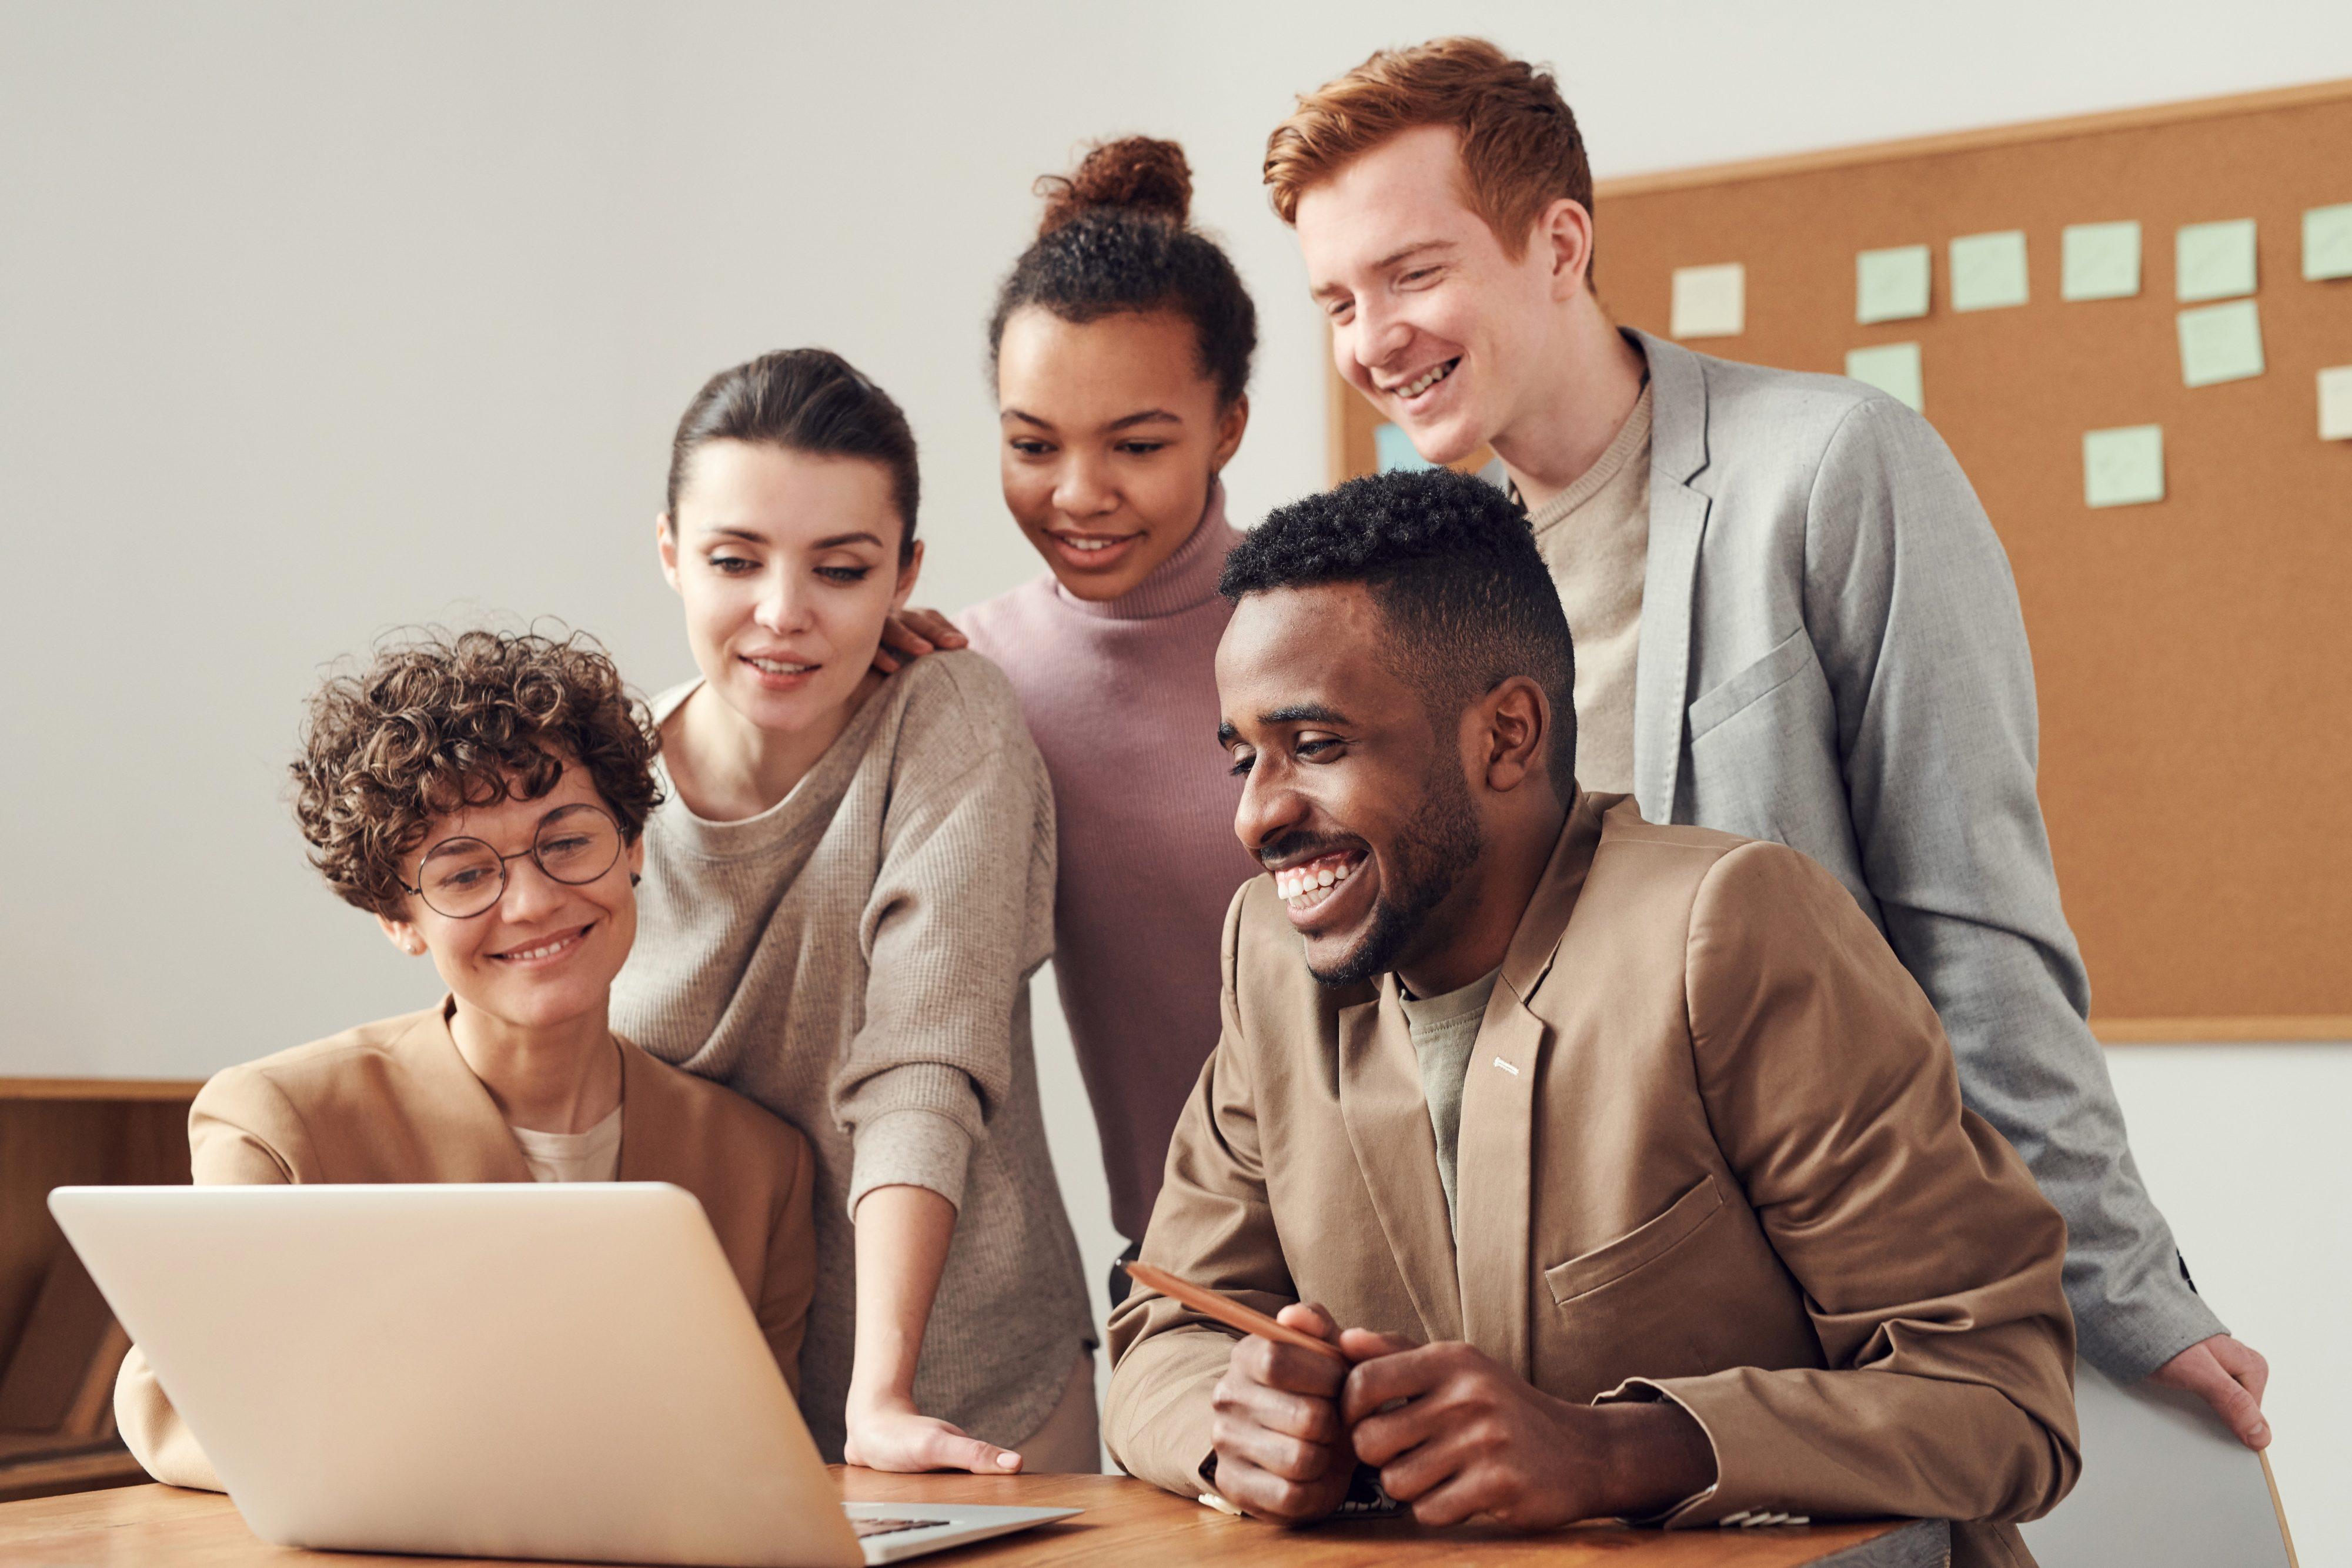 Impact du bien-être - S'épanouir socialement en milieu de travail est vecteur d'un bon rendement